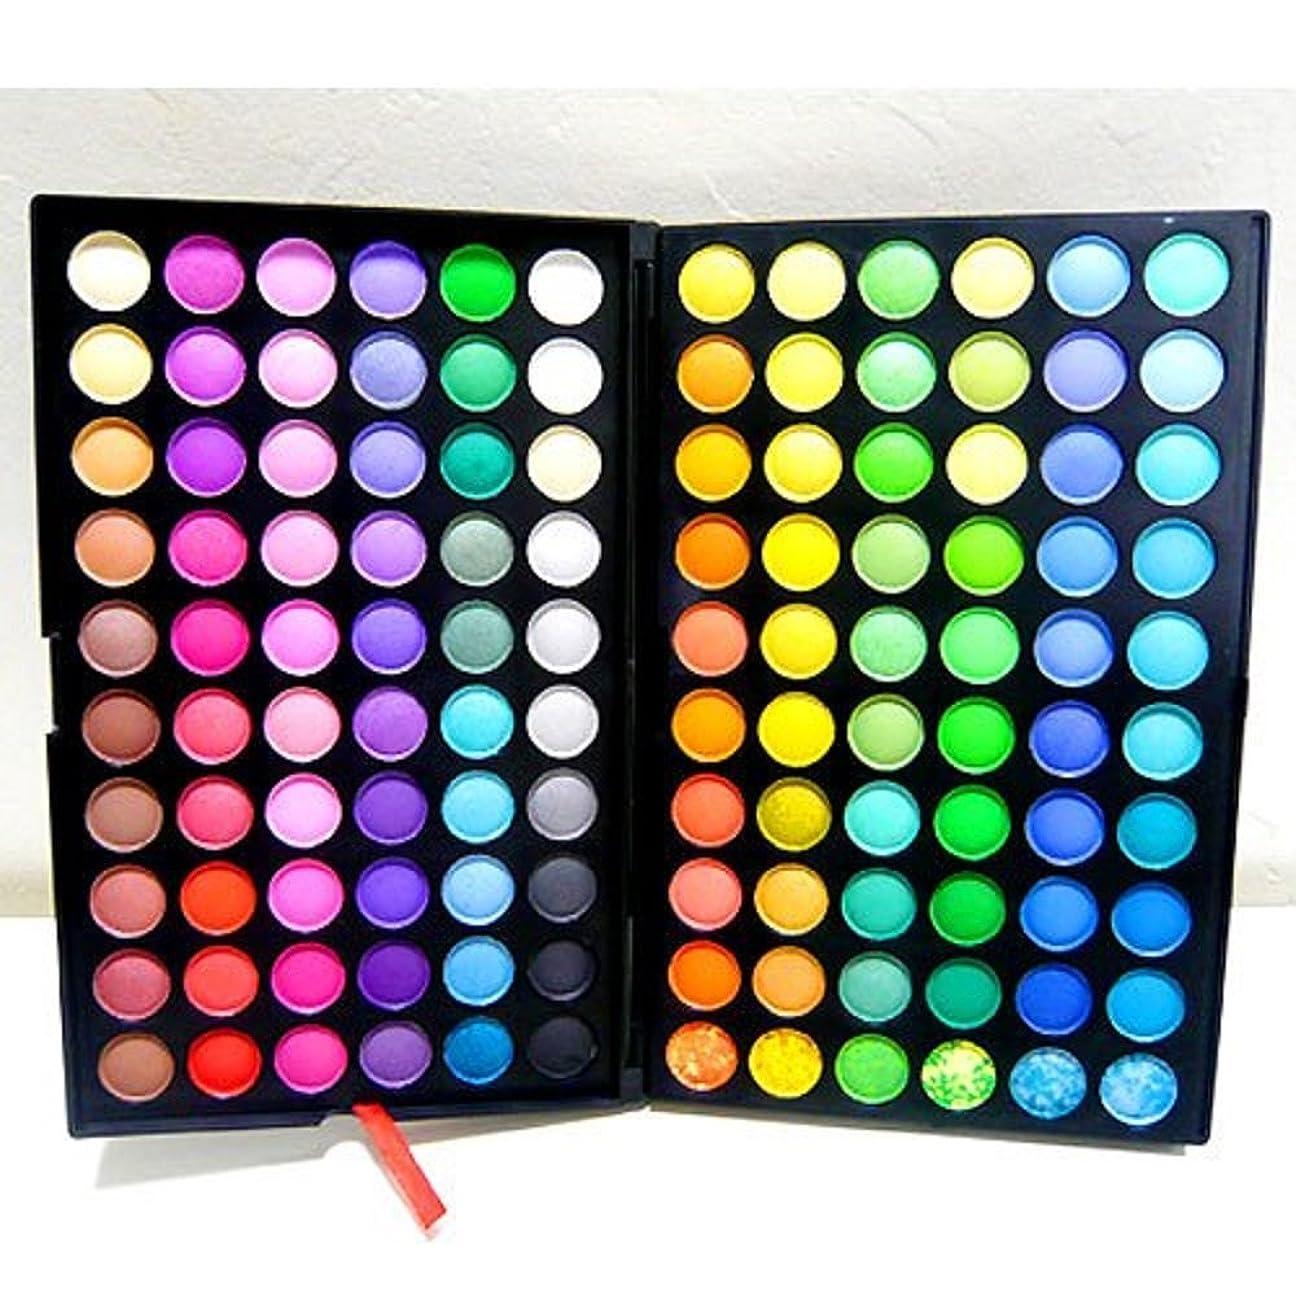 慎重に音節専門知識入荷しました【LuxuryRose】発色が素晴らしい!120カラーアイシャドウパレット